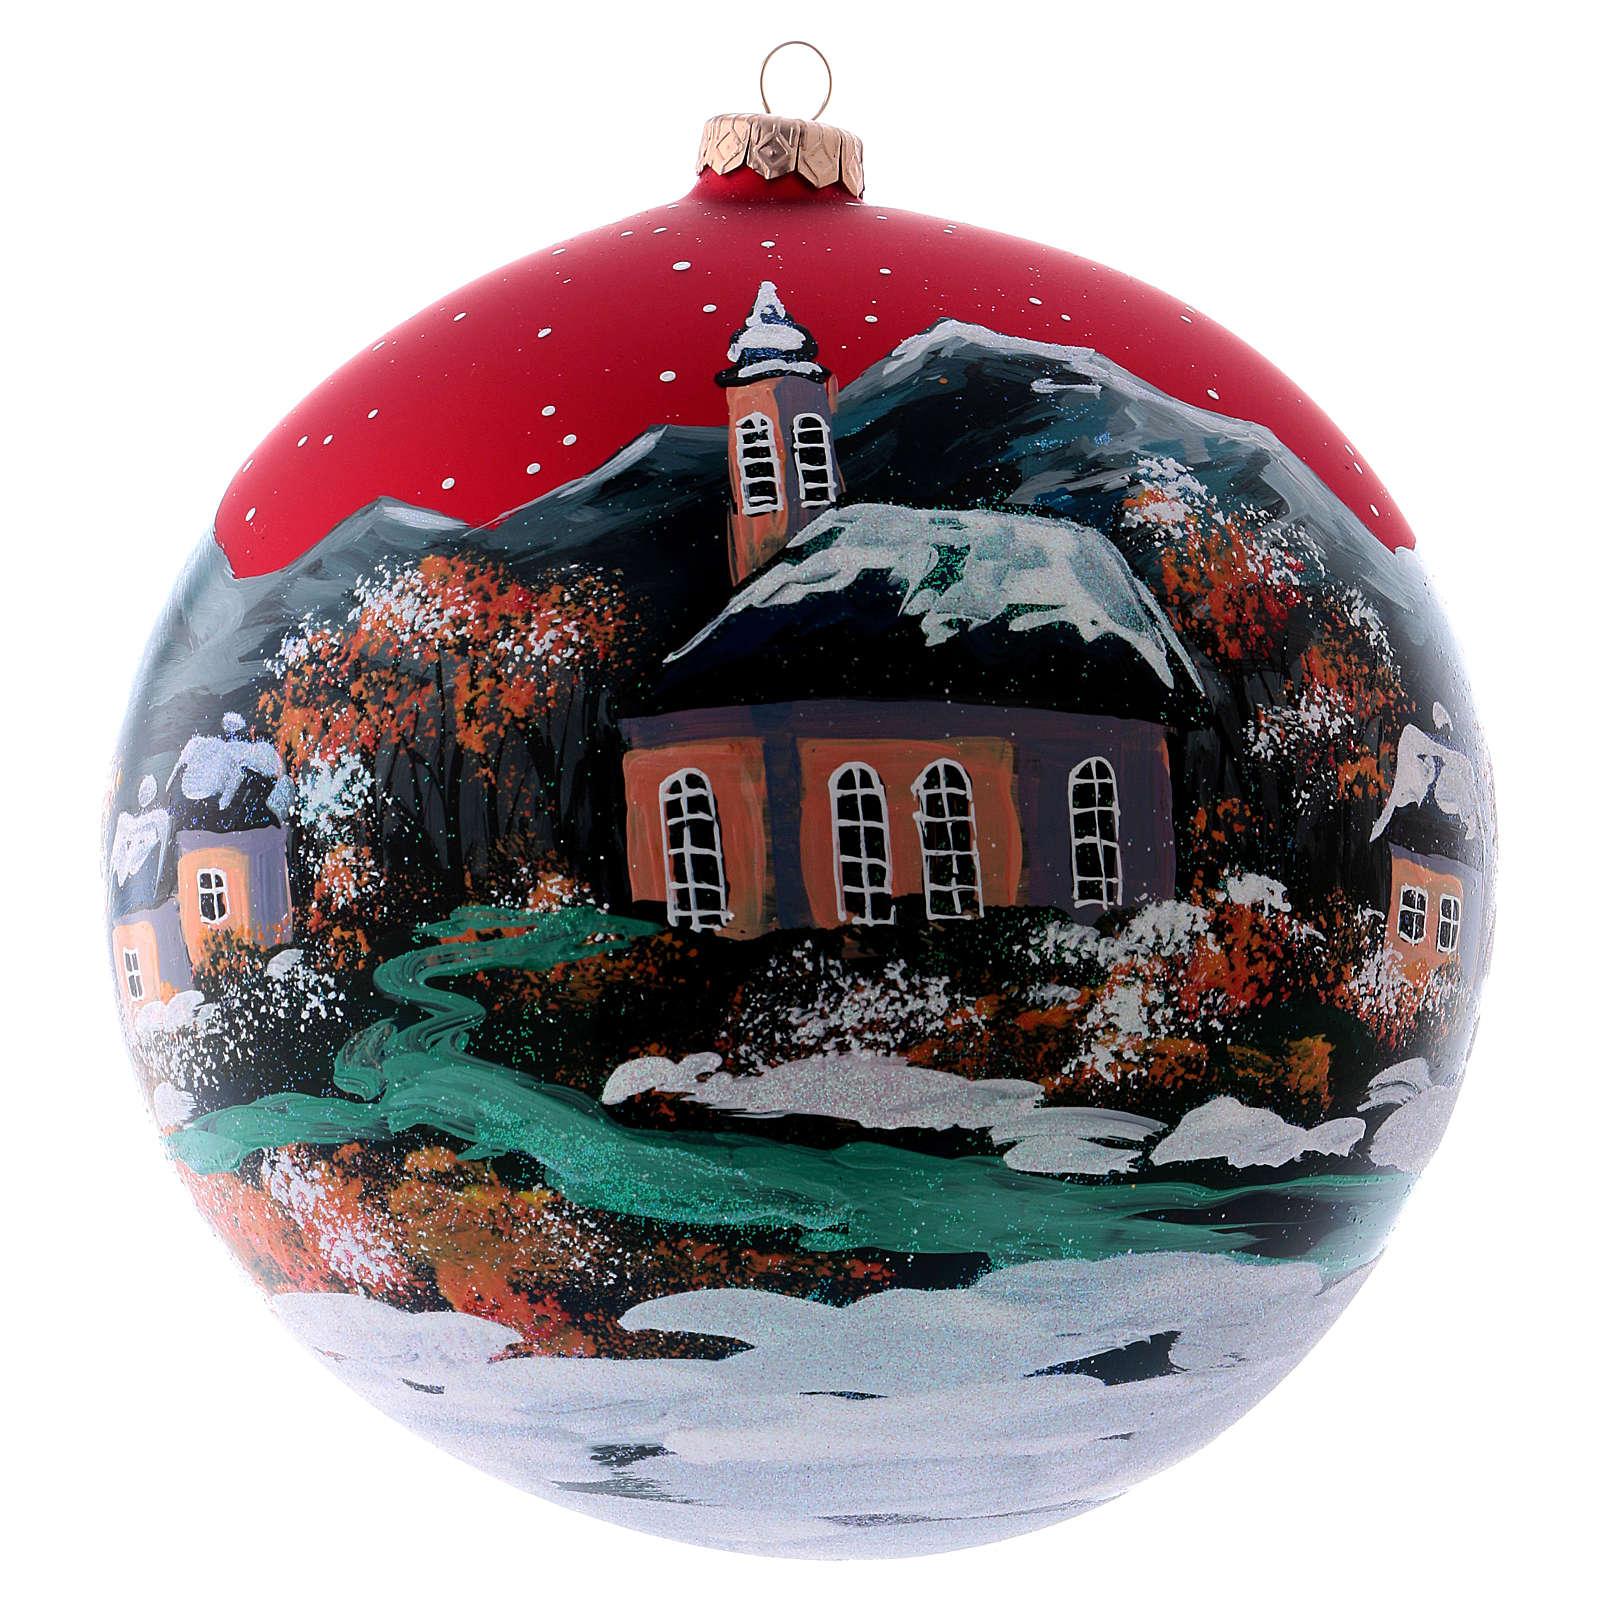 Weihnachtsbaumkugel aus mundgeblasenem Glas Grundton Rot Motiv schneebedecktes nordisches Dorf 200 mm 4